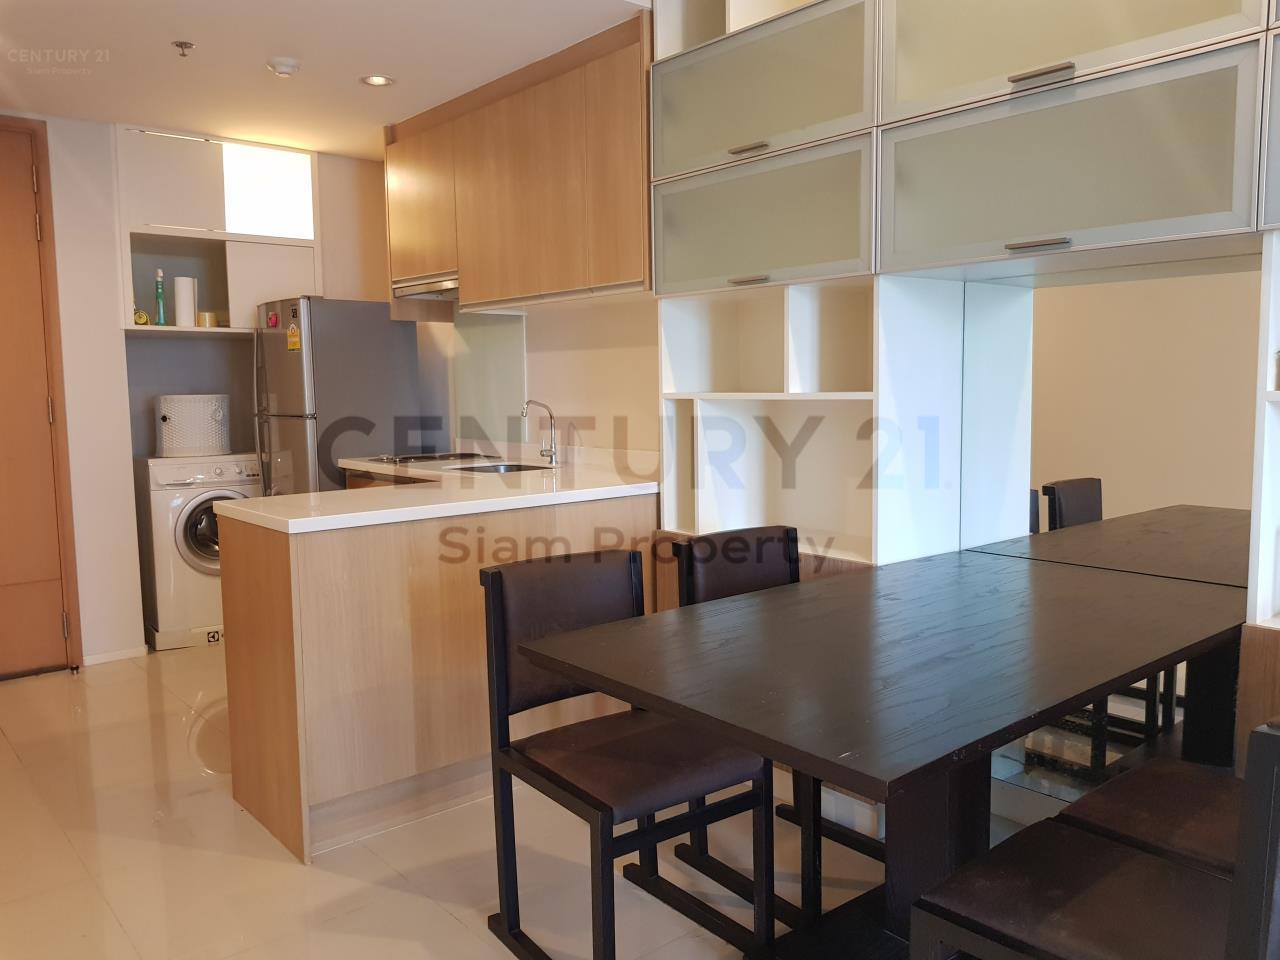 Century21 Siam Property Agency's Villa Asoke 15